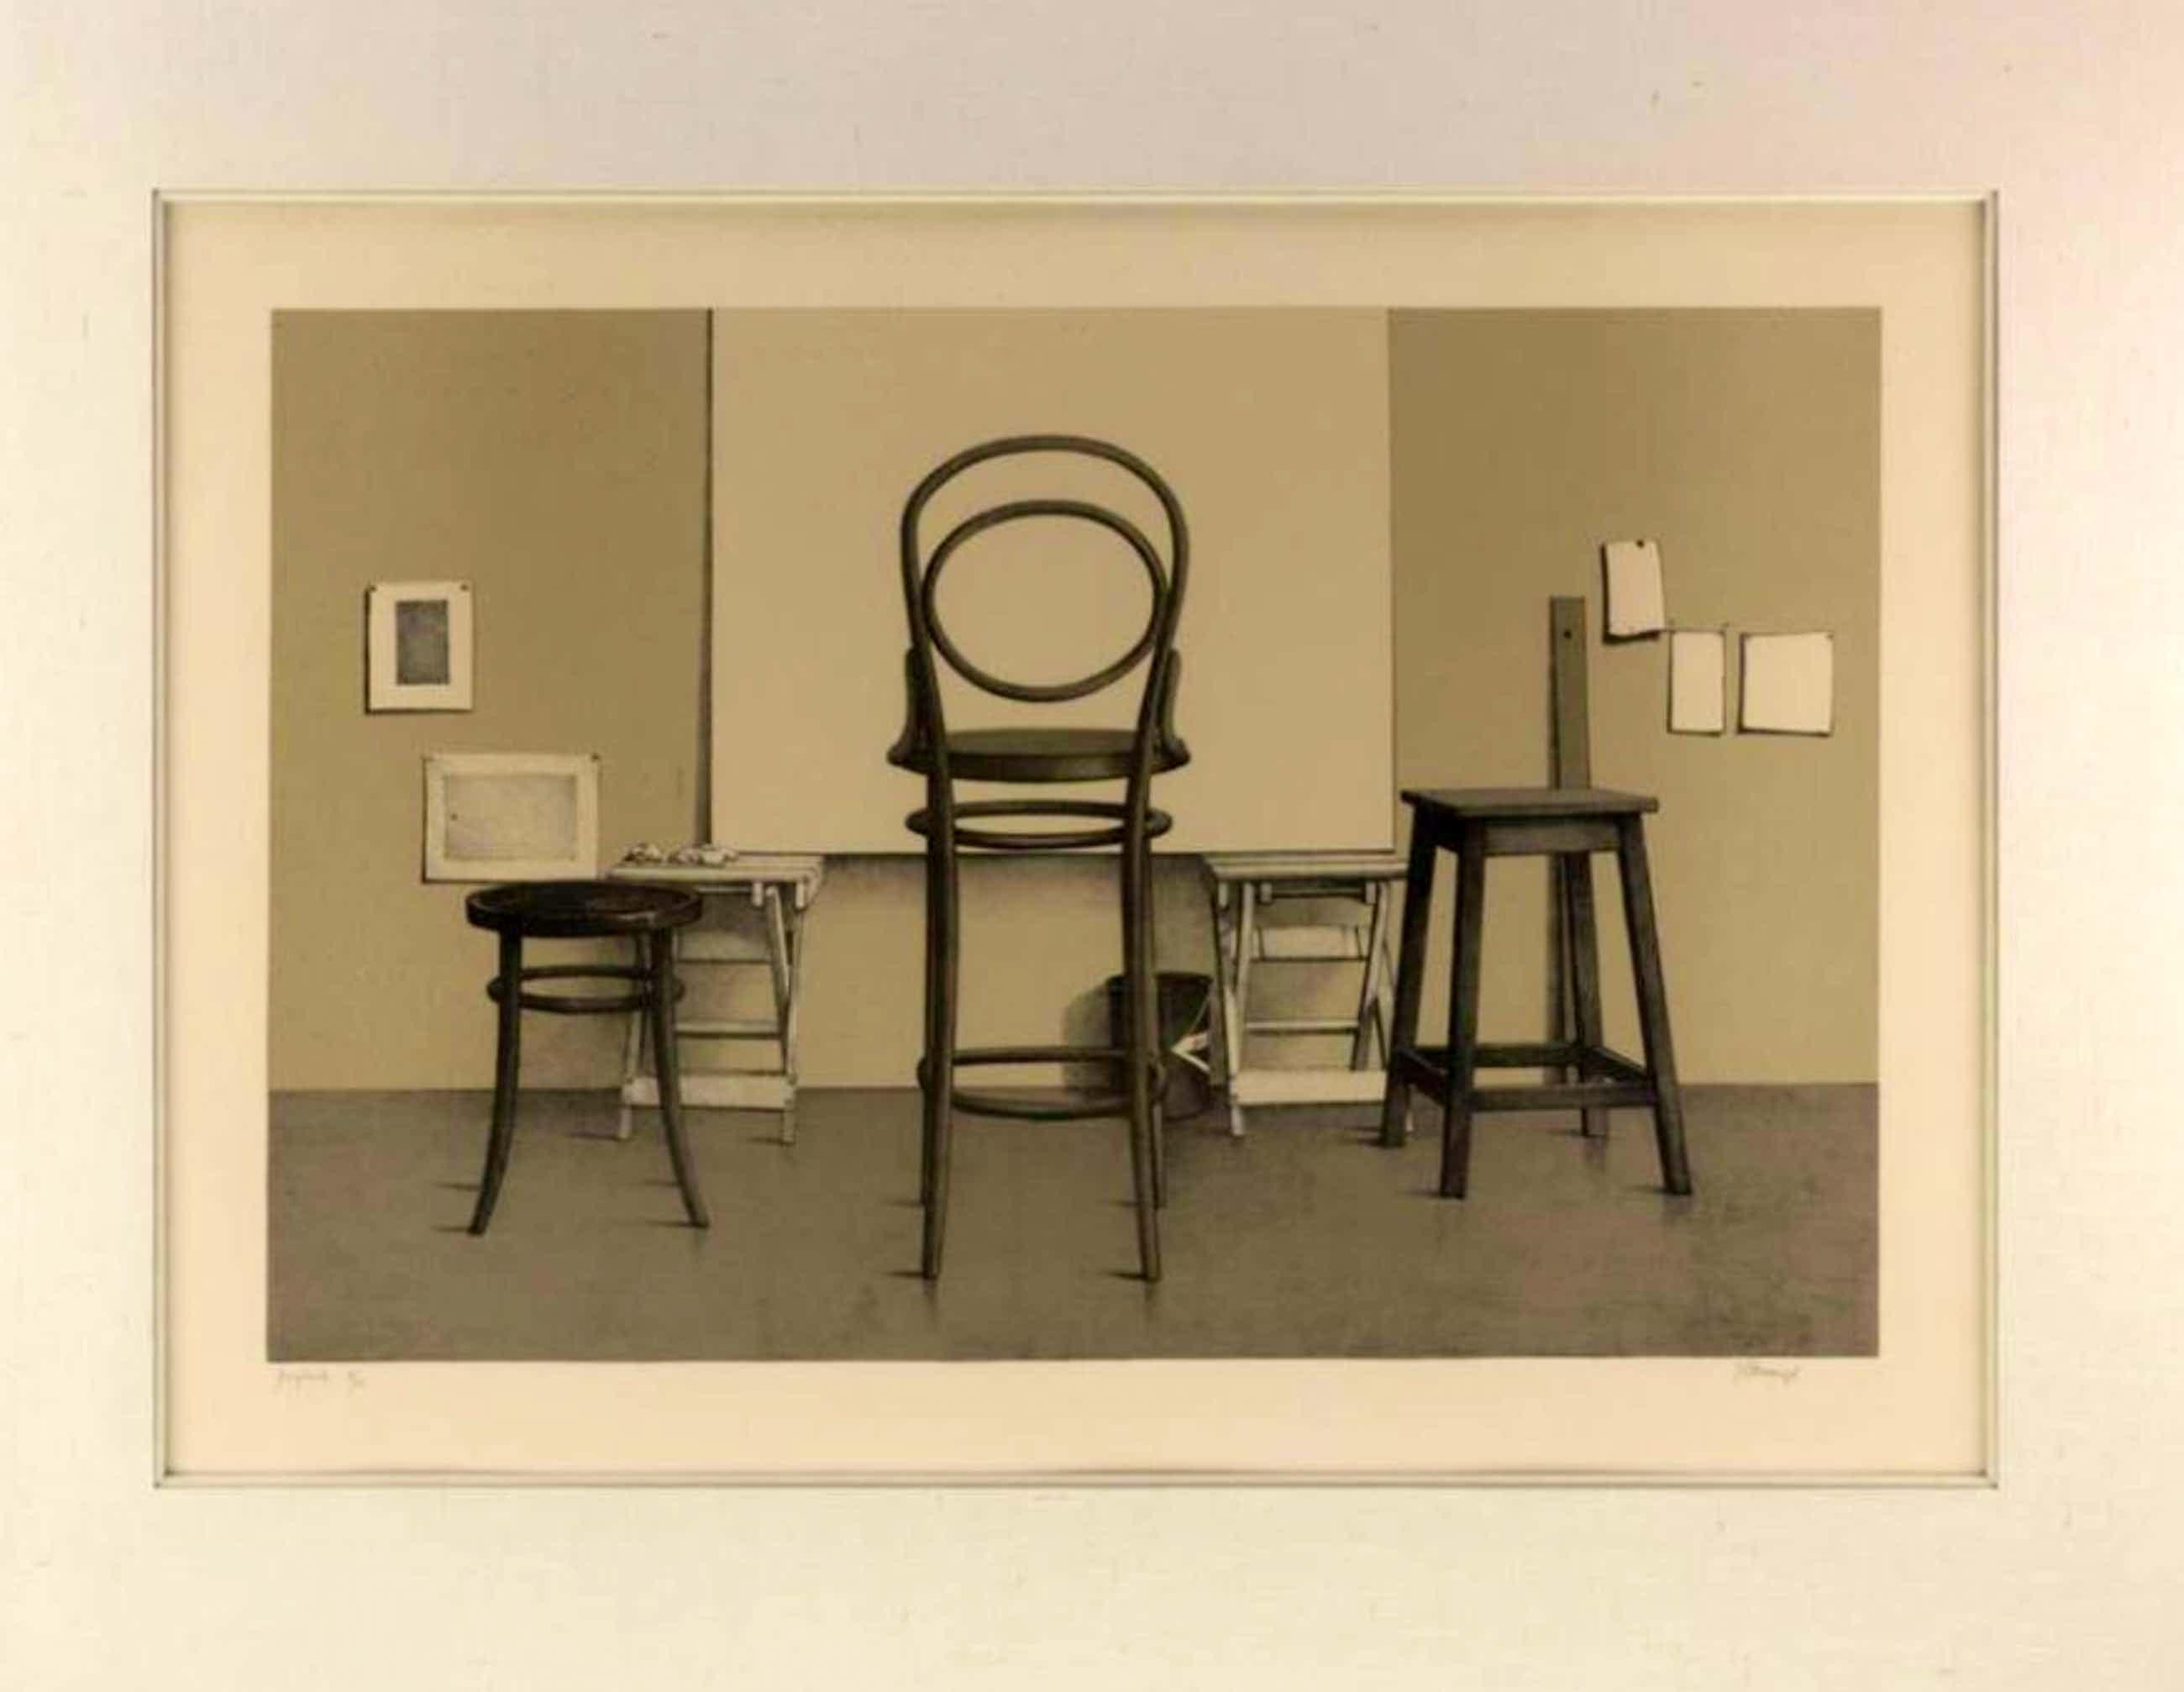 Roger Wittevrongel - Lithografie, Ingelijst - 'Atelier'  kopen? Bied vanaf 119!